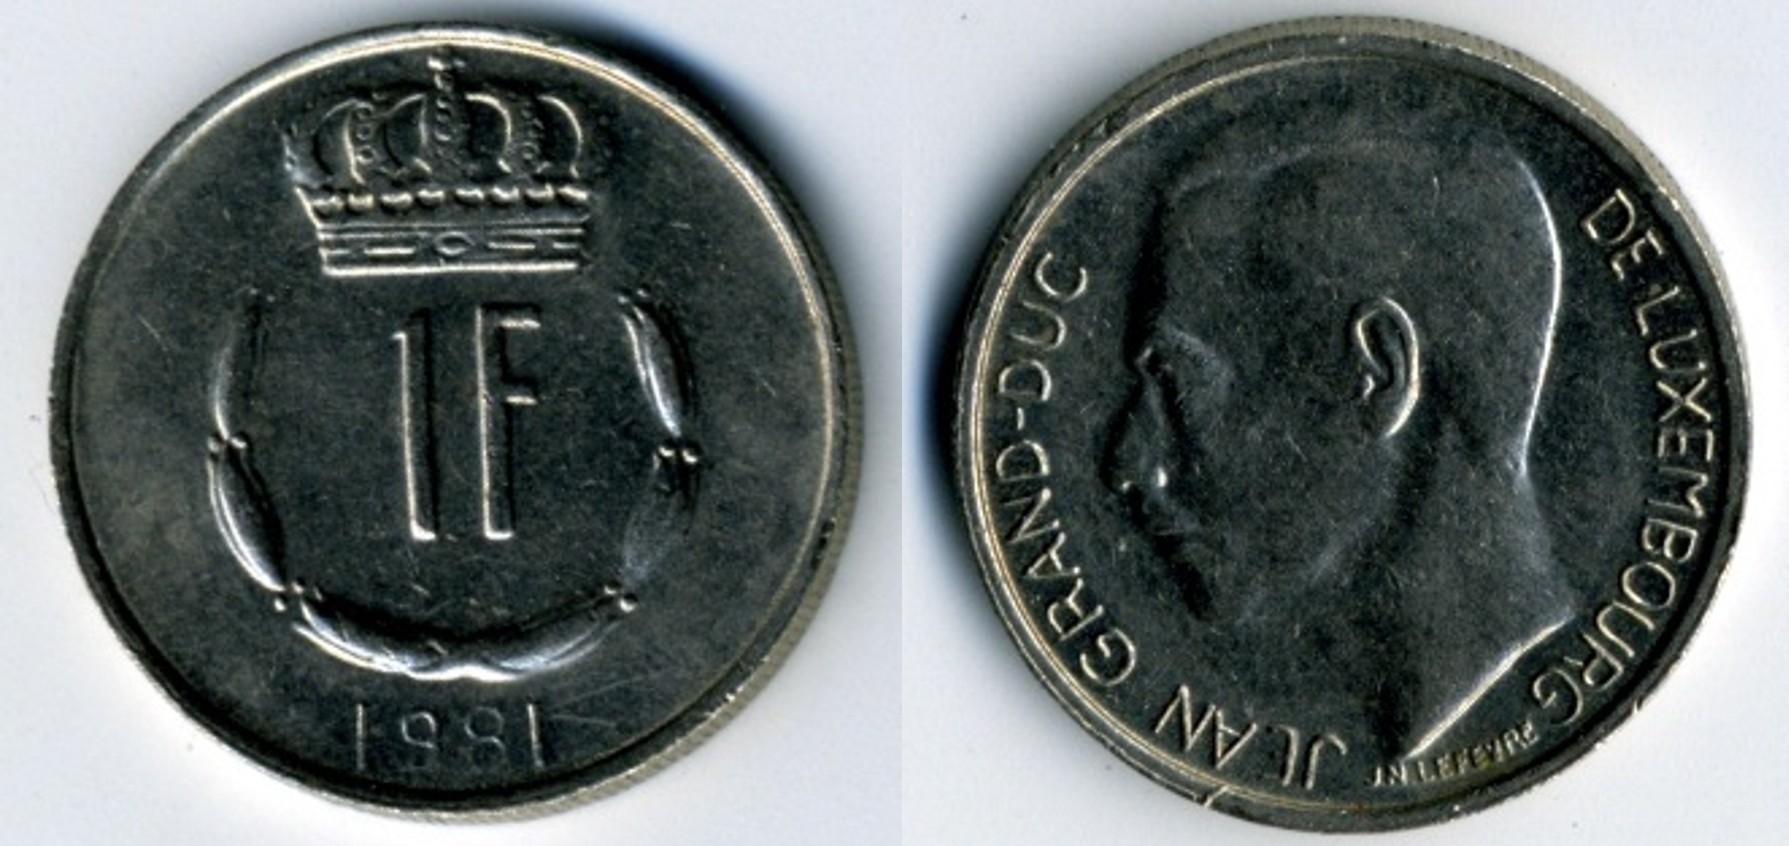 Luxembourg Franc Wikipedia